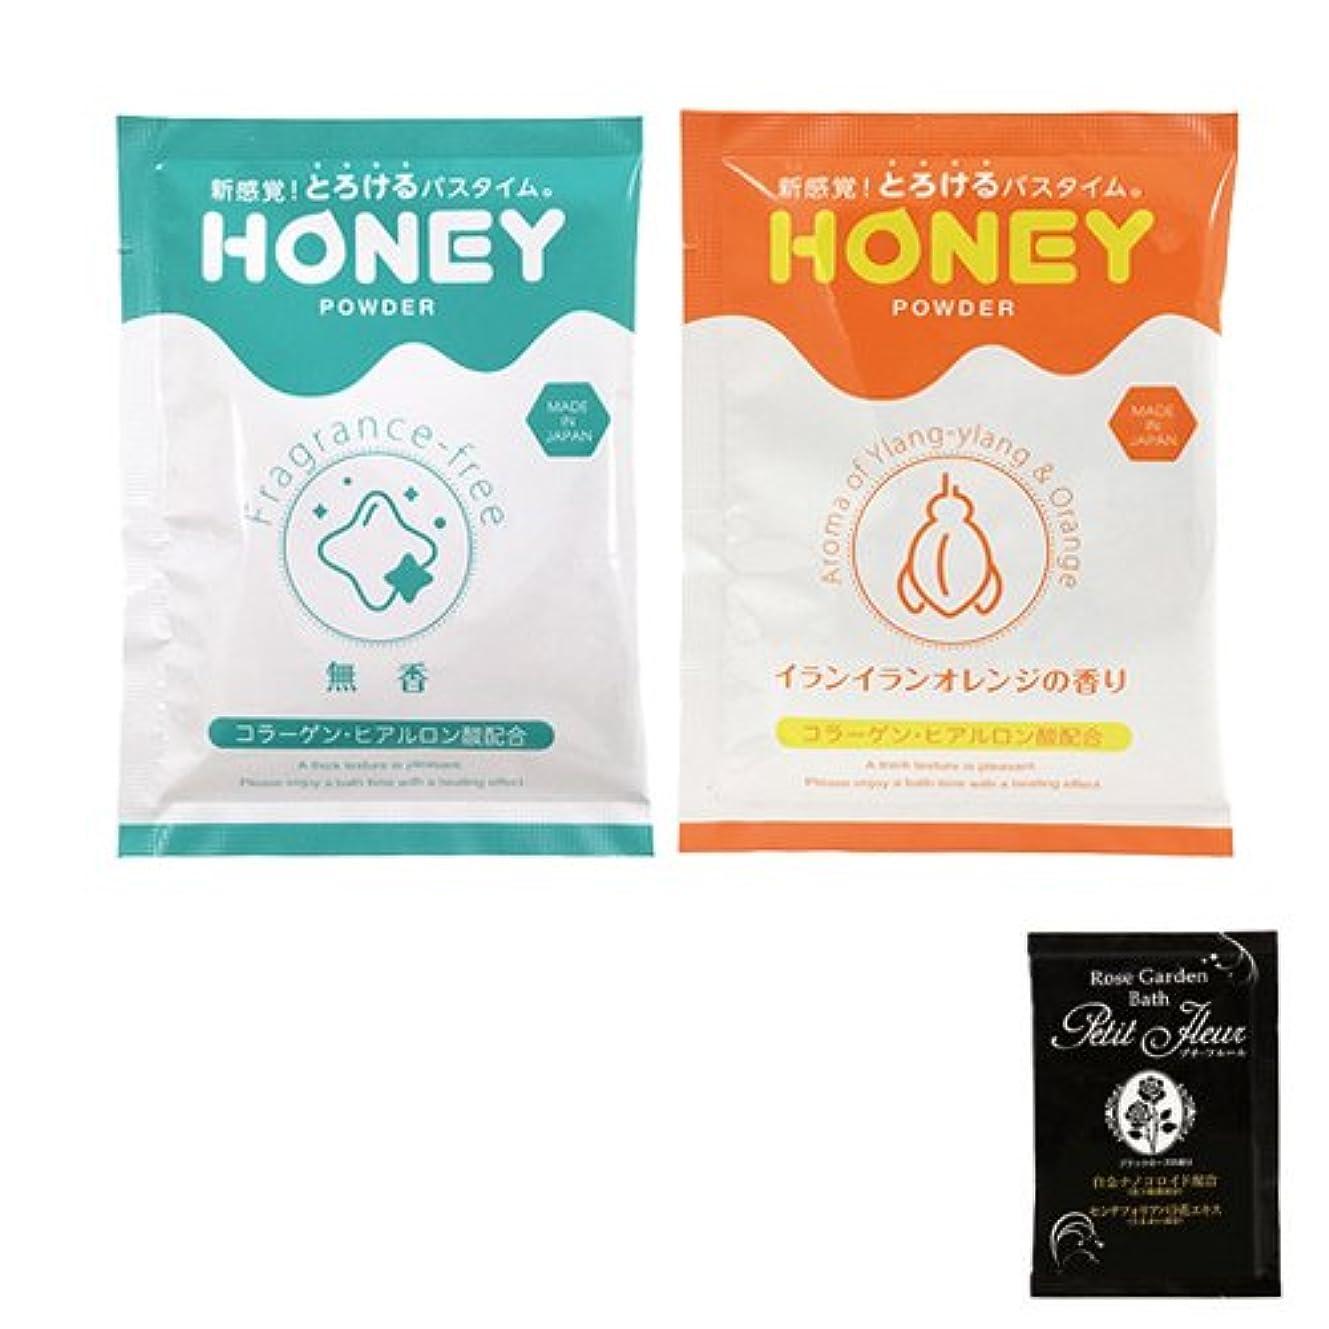 プランテーション快いマイコンとろとろ入浴剤【honey powder】粉末タイプ イランイランオレンジの香り + 無香 + 入浴剤(プチフルール)1回分